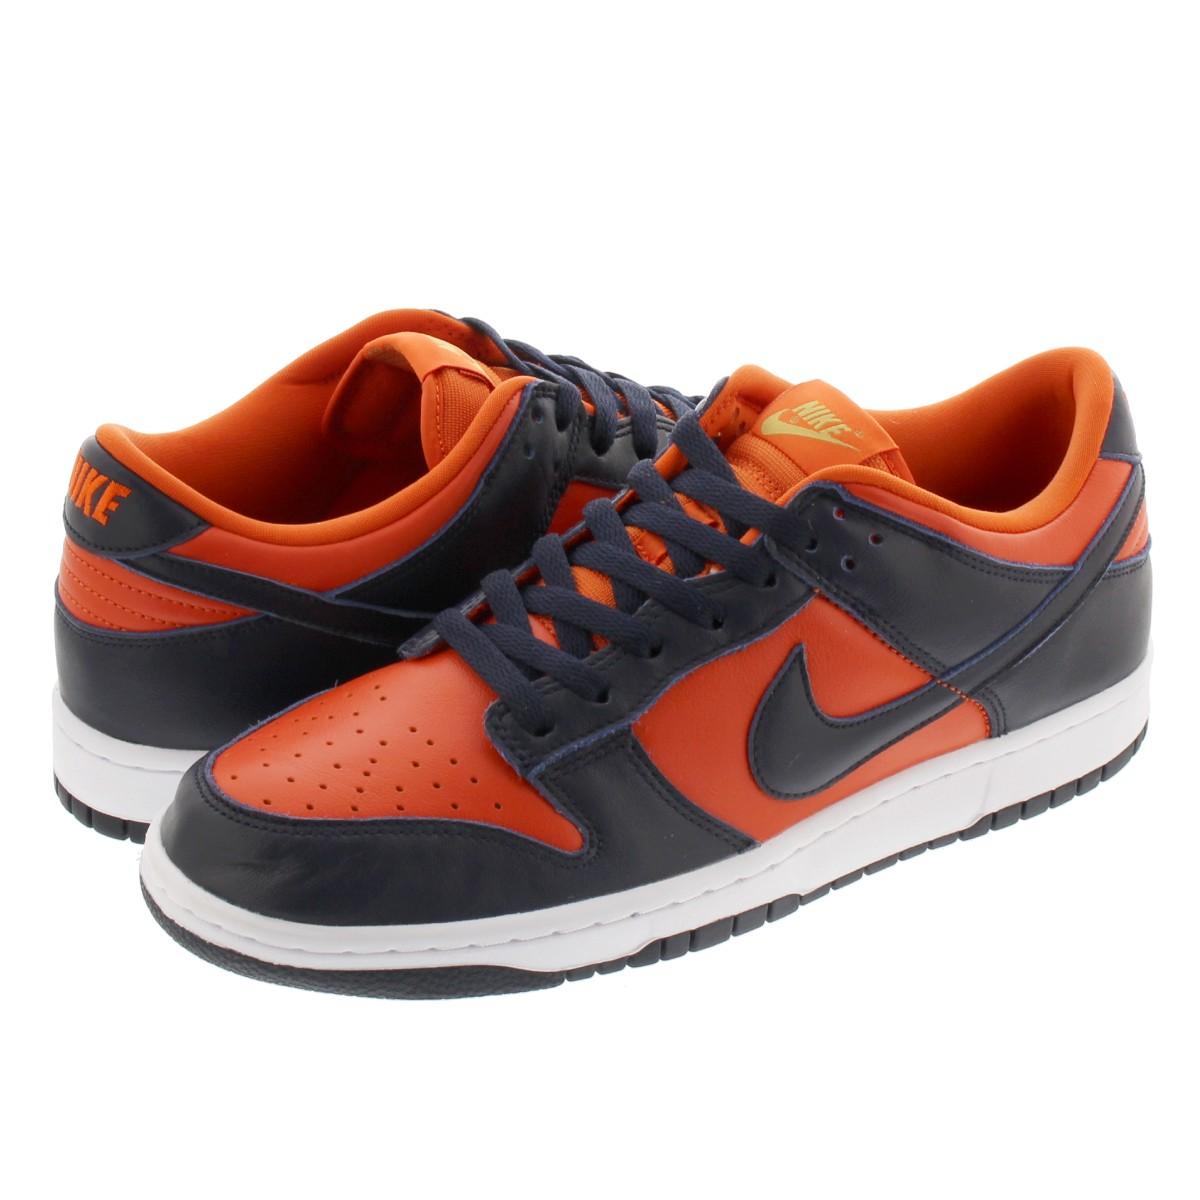 メンズ靴, スニーカー NIKE DUNK LOW SP CHAMP COLORS SP UNIVERSITY ORANGEMARINE cu1727-800